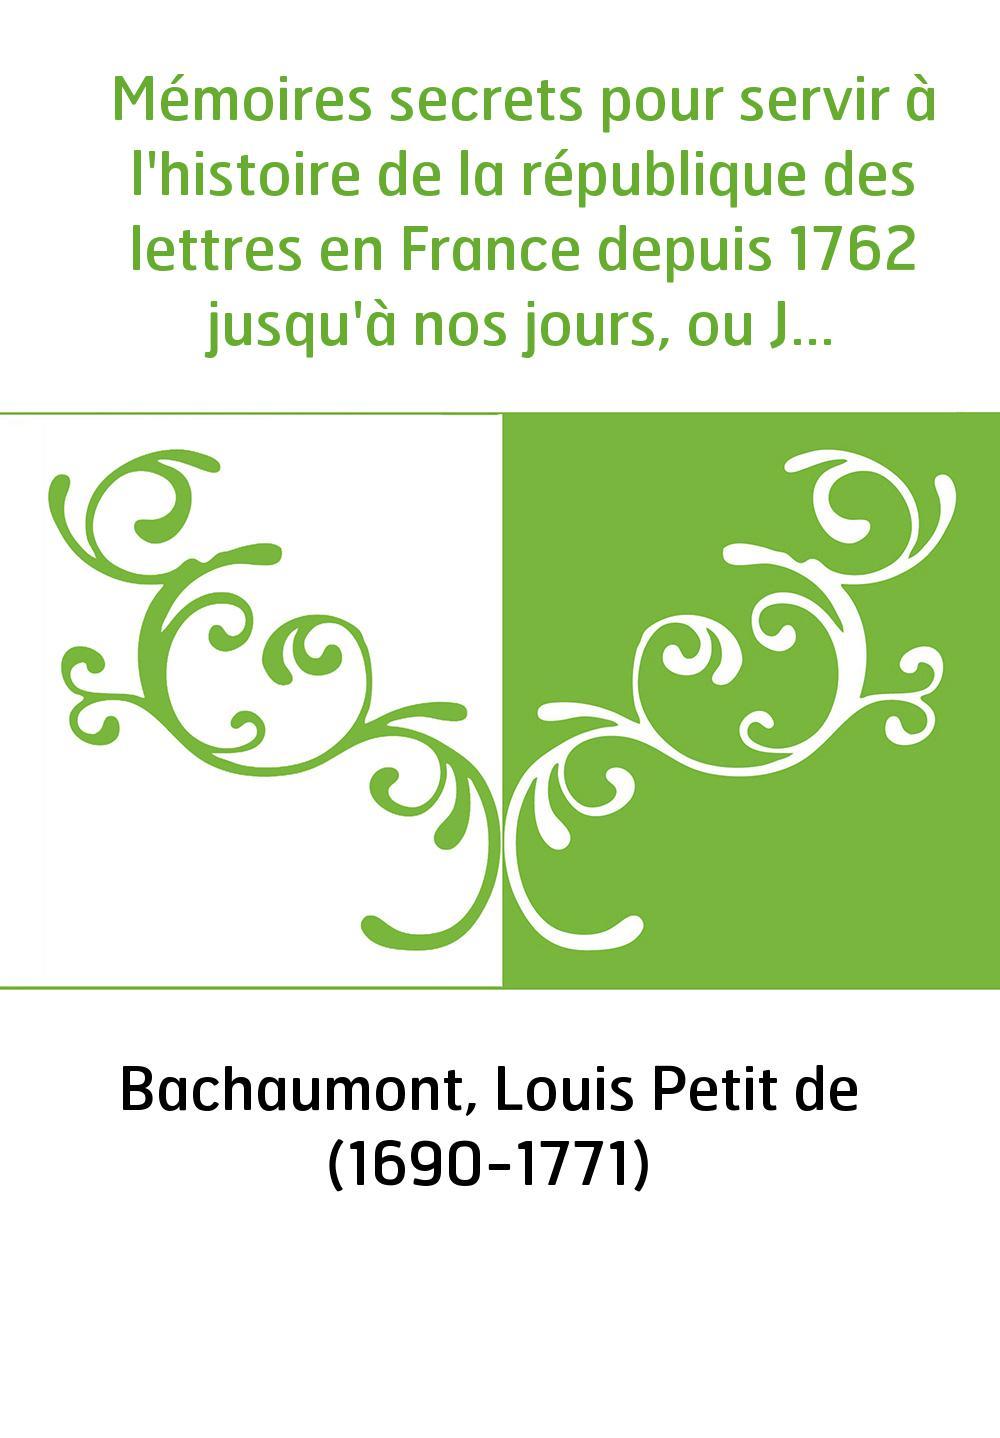 Mémoires secrets pour servir à l'histoire de la république des lettres en France depuis 1762 jusqu'à nos jours, ou Journal d'un